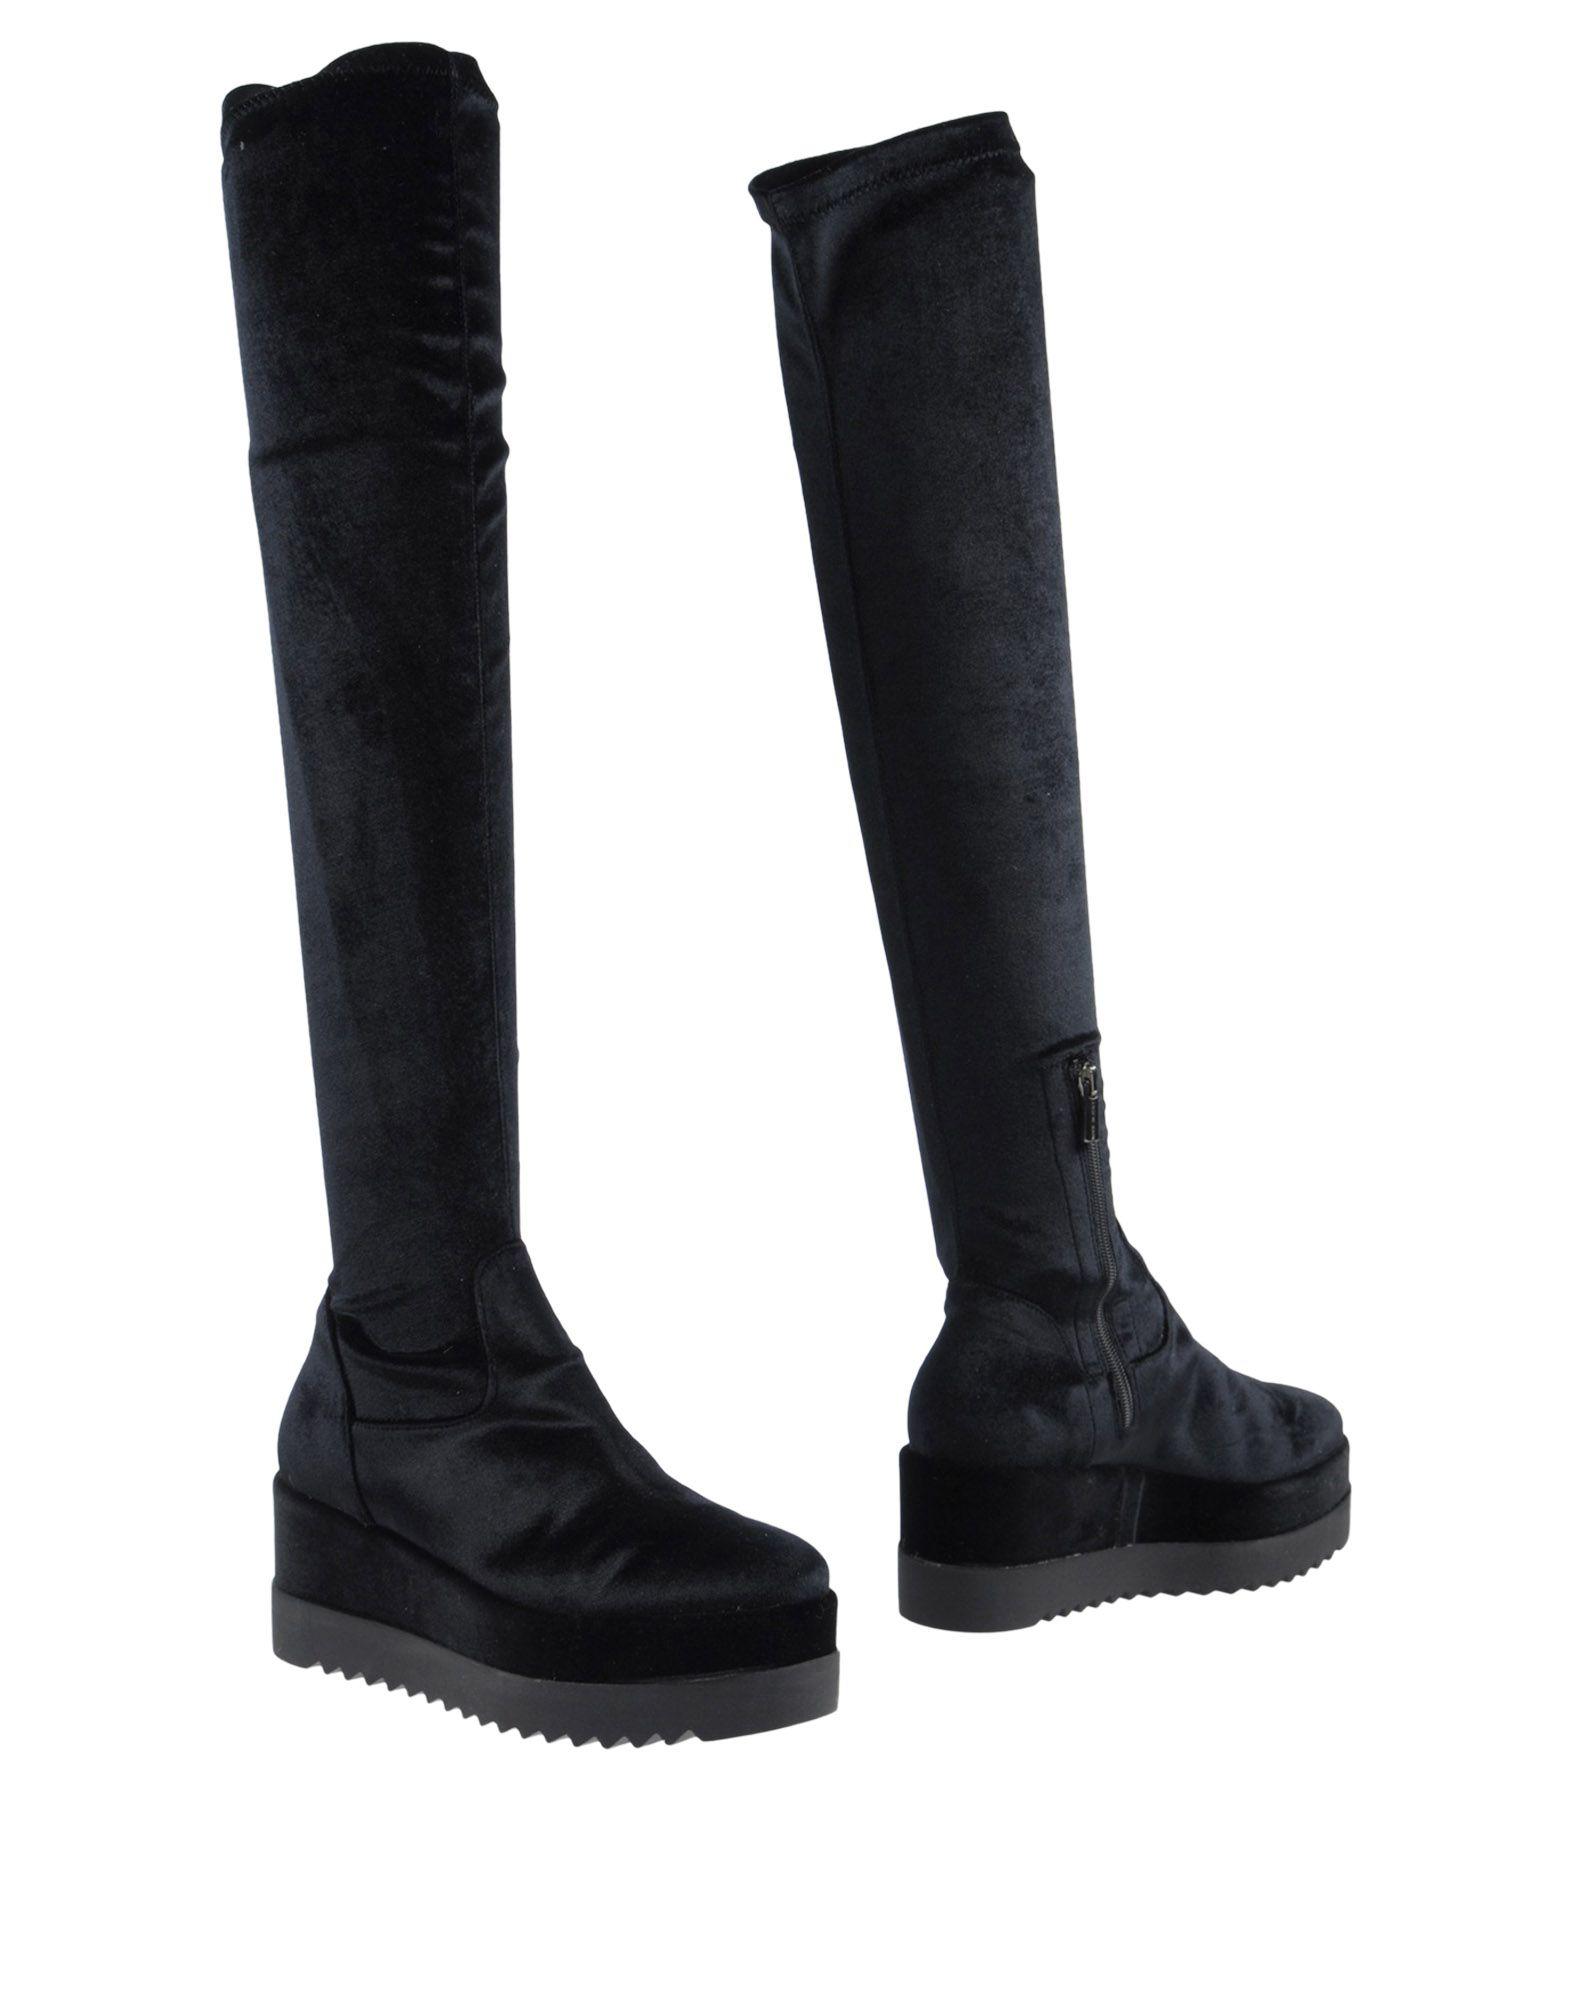 SPAZIOMODA Сапоги exull женские ботфорты сапоги вышеколена с толстым и низким каблуком